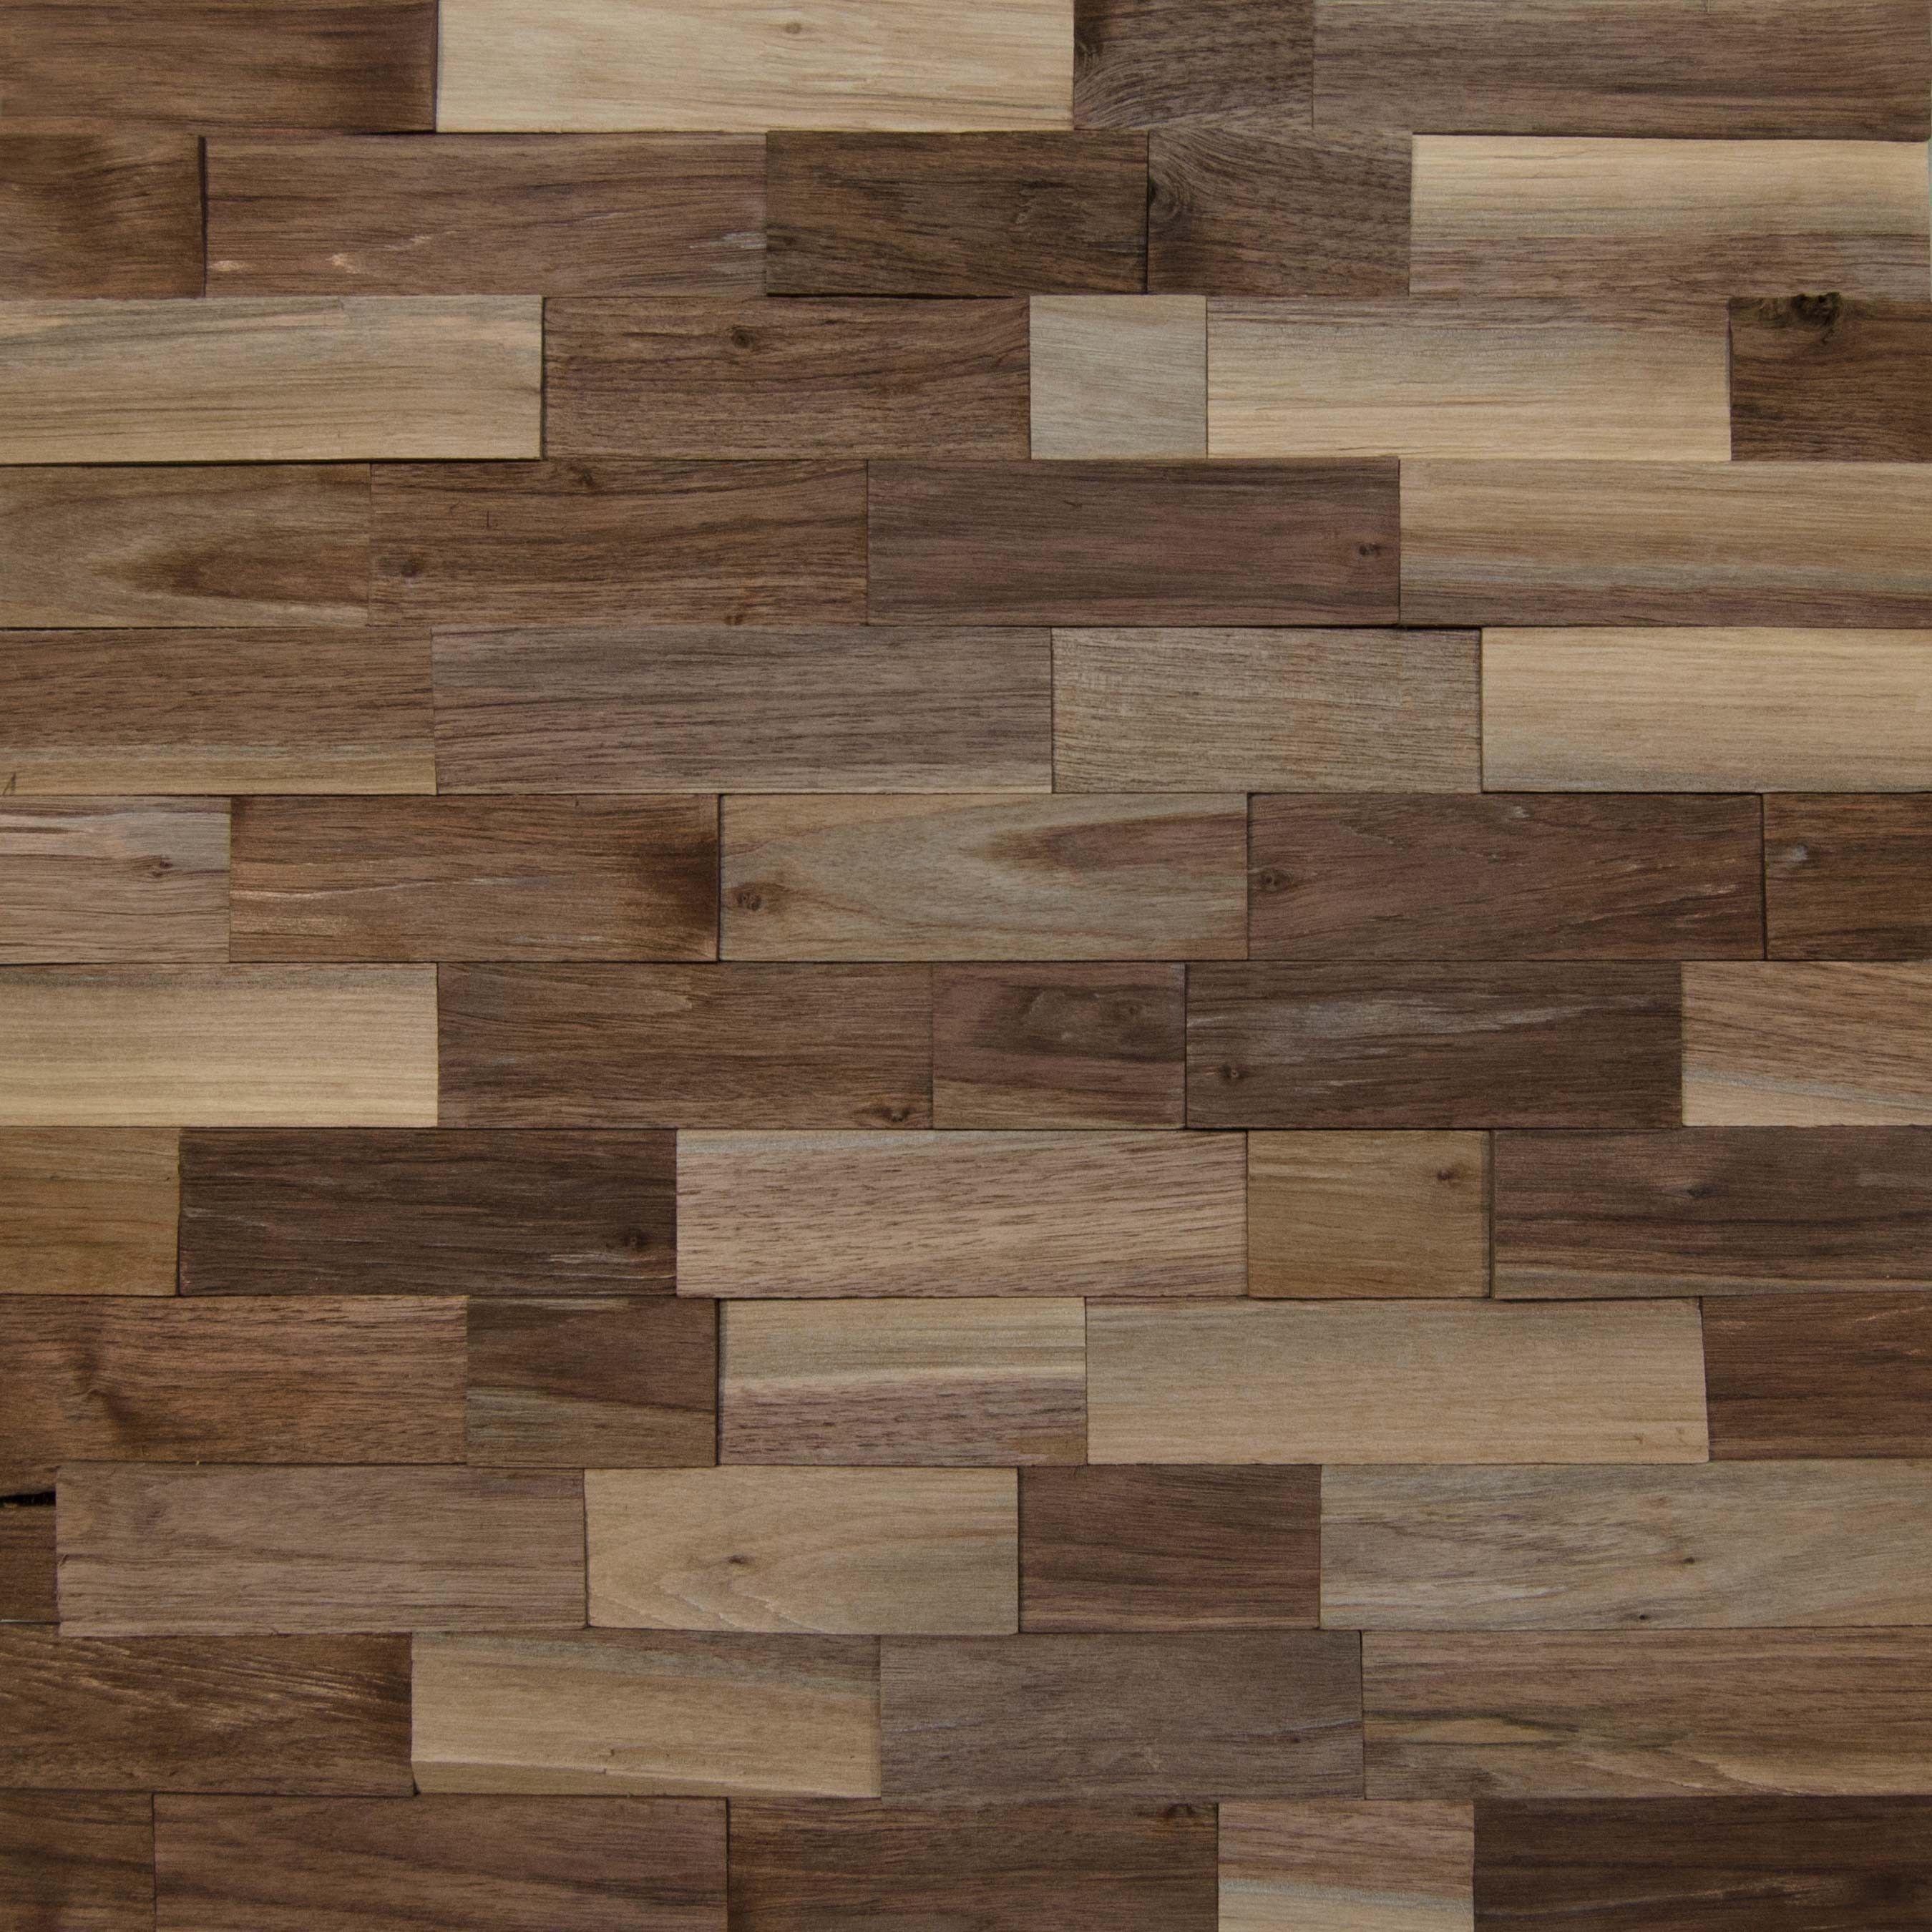 Textura de madera cafe oscura buscar con google puertas delanteras en 2019 pinterest Duelas de madera